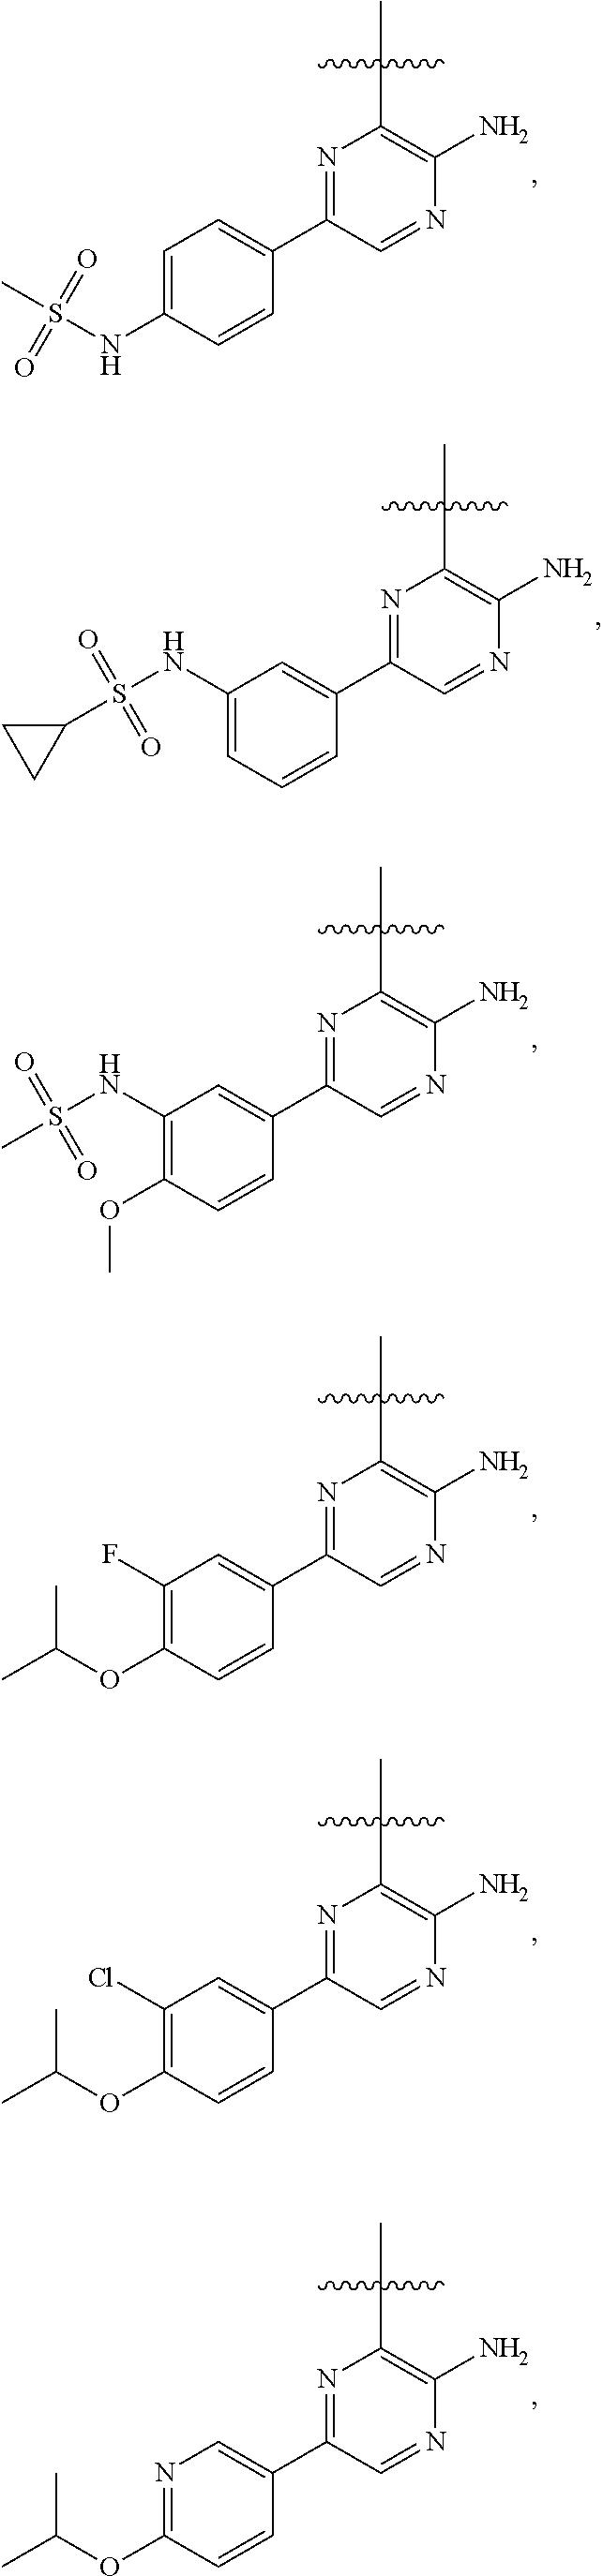 Figure US09708348-20170718-C00022